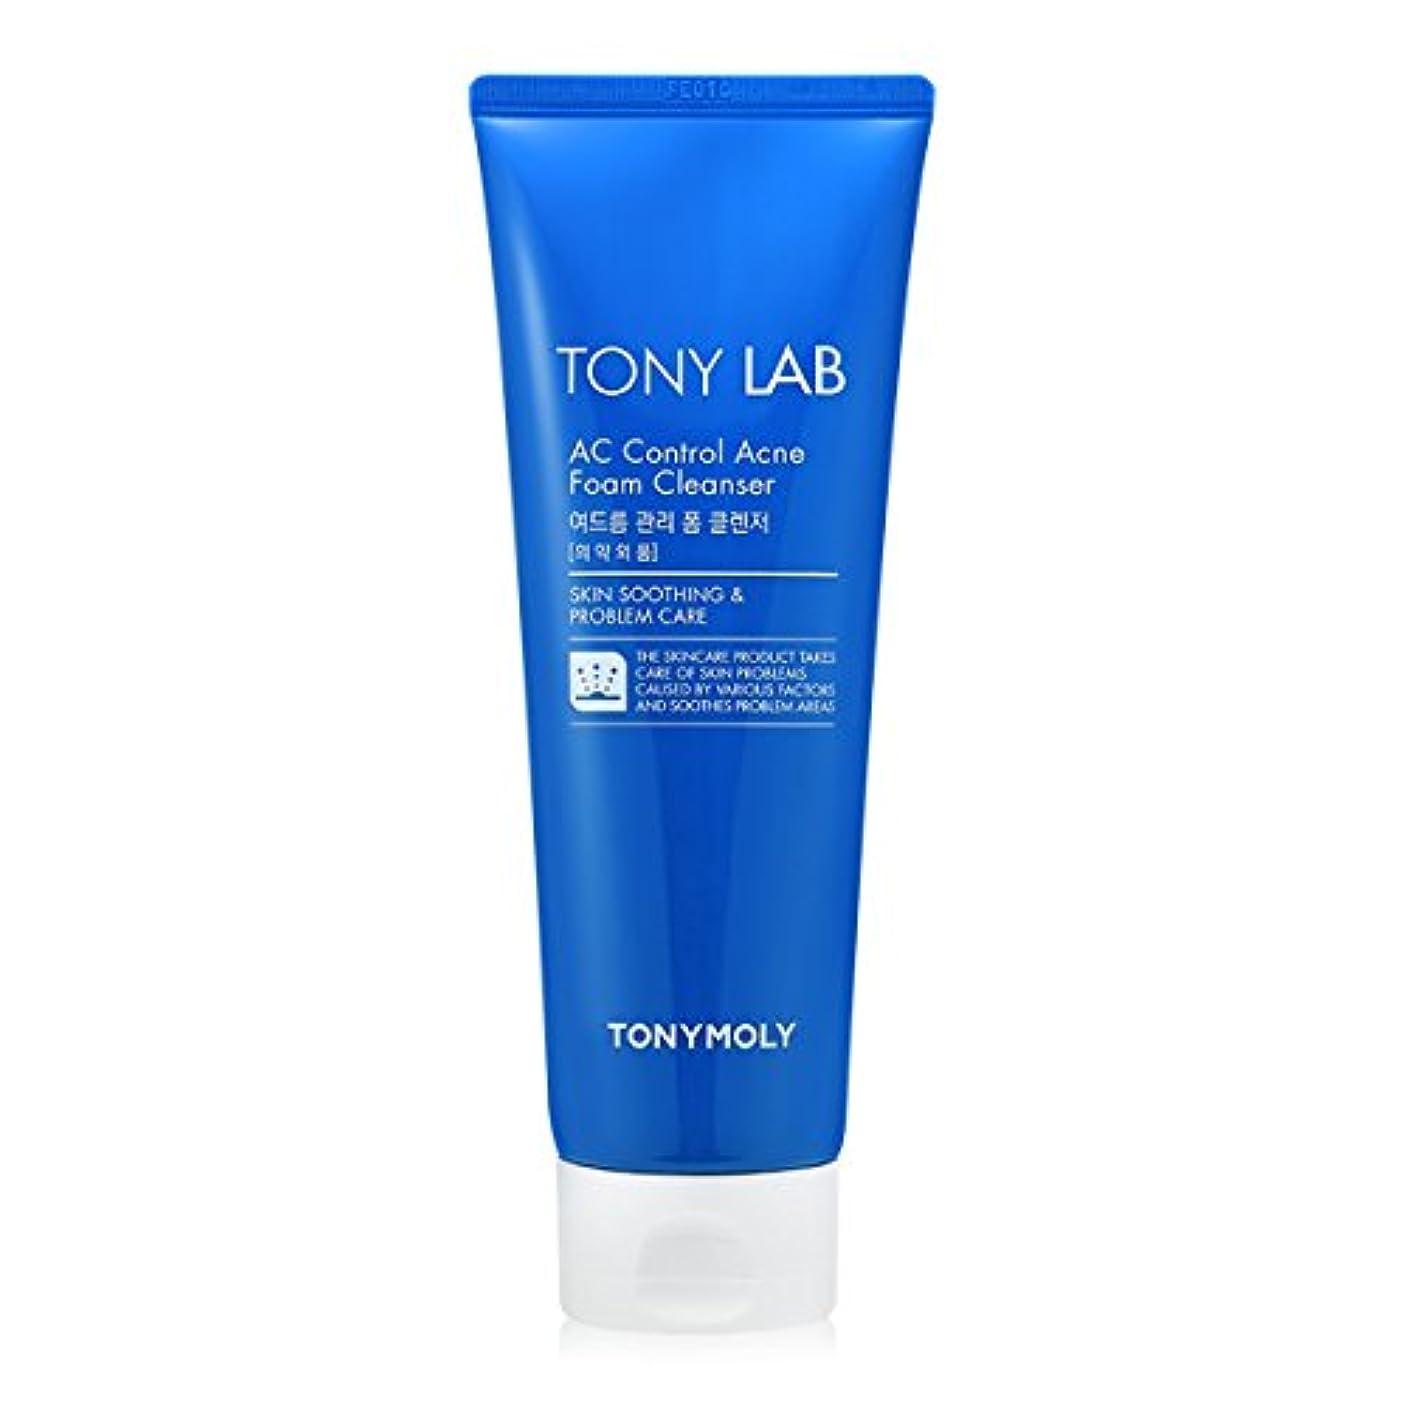 石灰岩追う卑しい[New] TONYMOLY Tony Lab AC Control Acne Foam Cleanser 150ml/トニーモリー トニー ラボ AC コントロール アクネ フォーム クレンザー 150ml